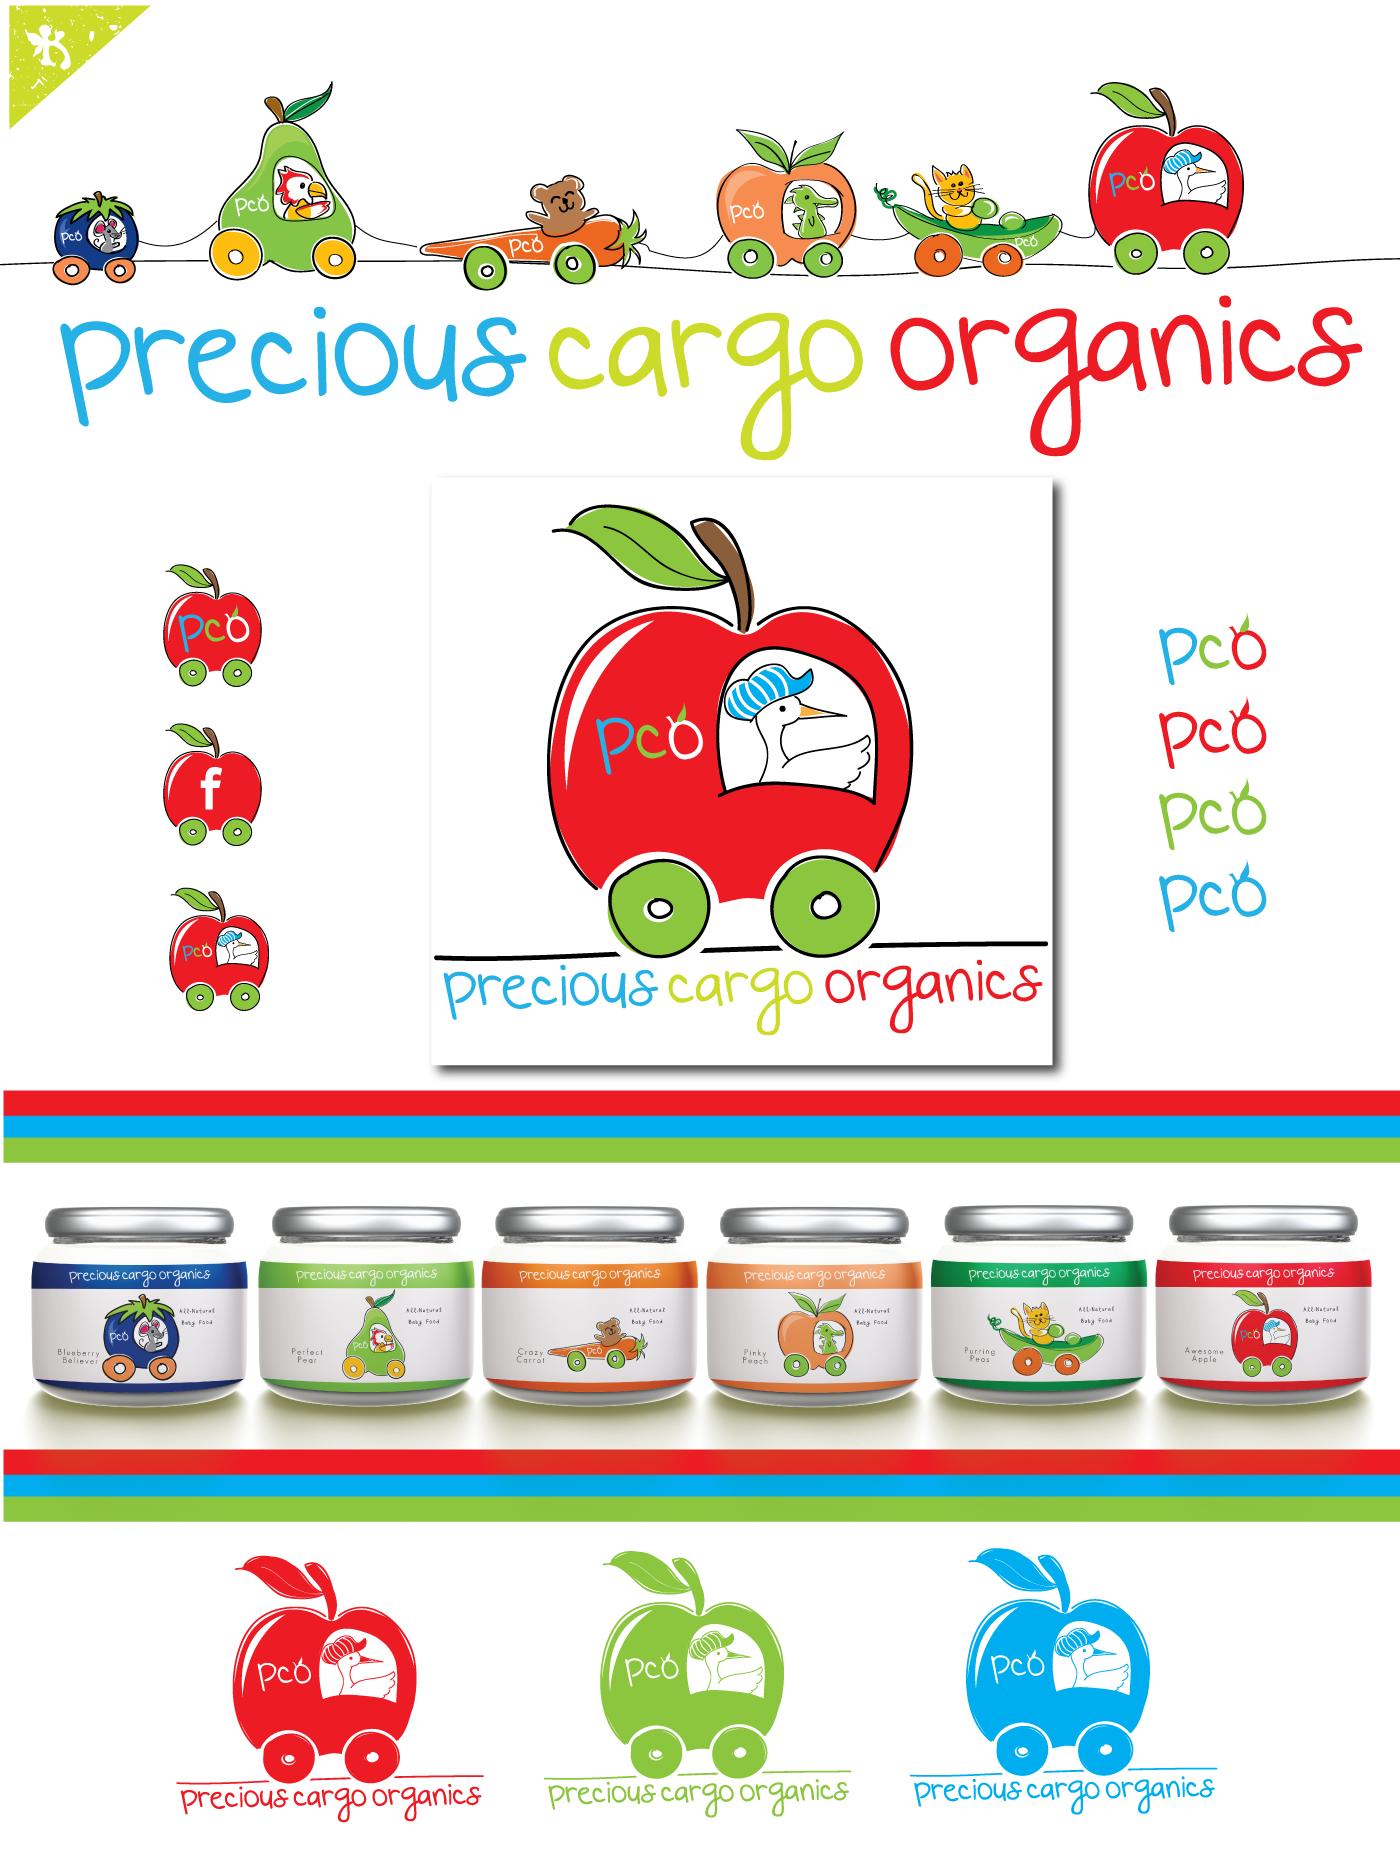 New logo wanted for Precious Cargo Organics